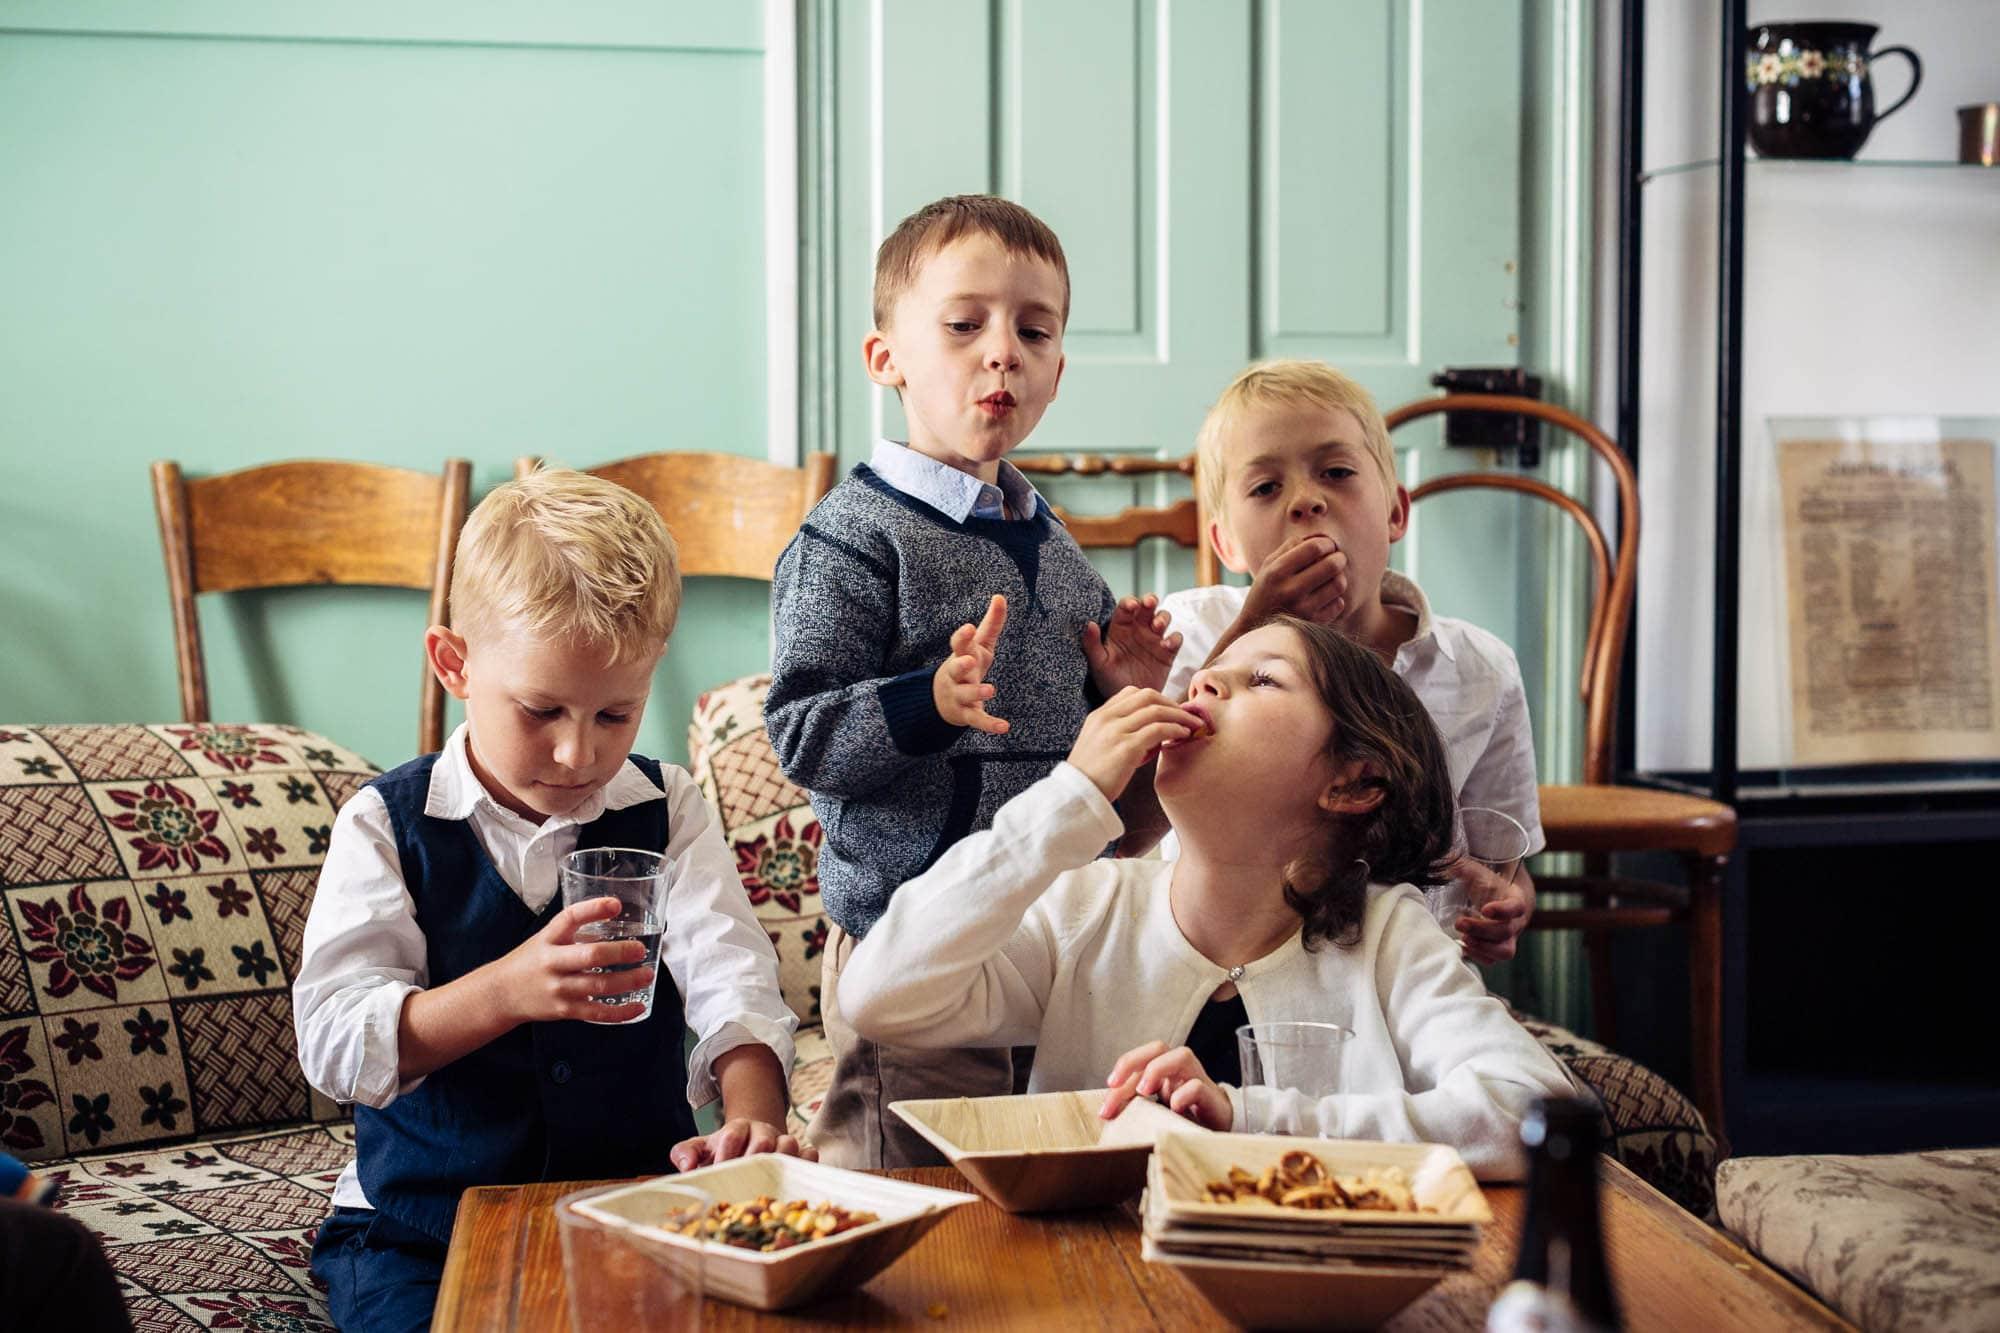 Vier Kinder sind sehr hungrig und essen Chips